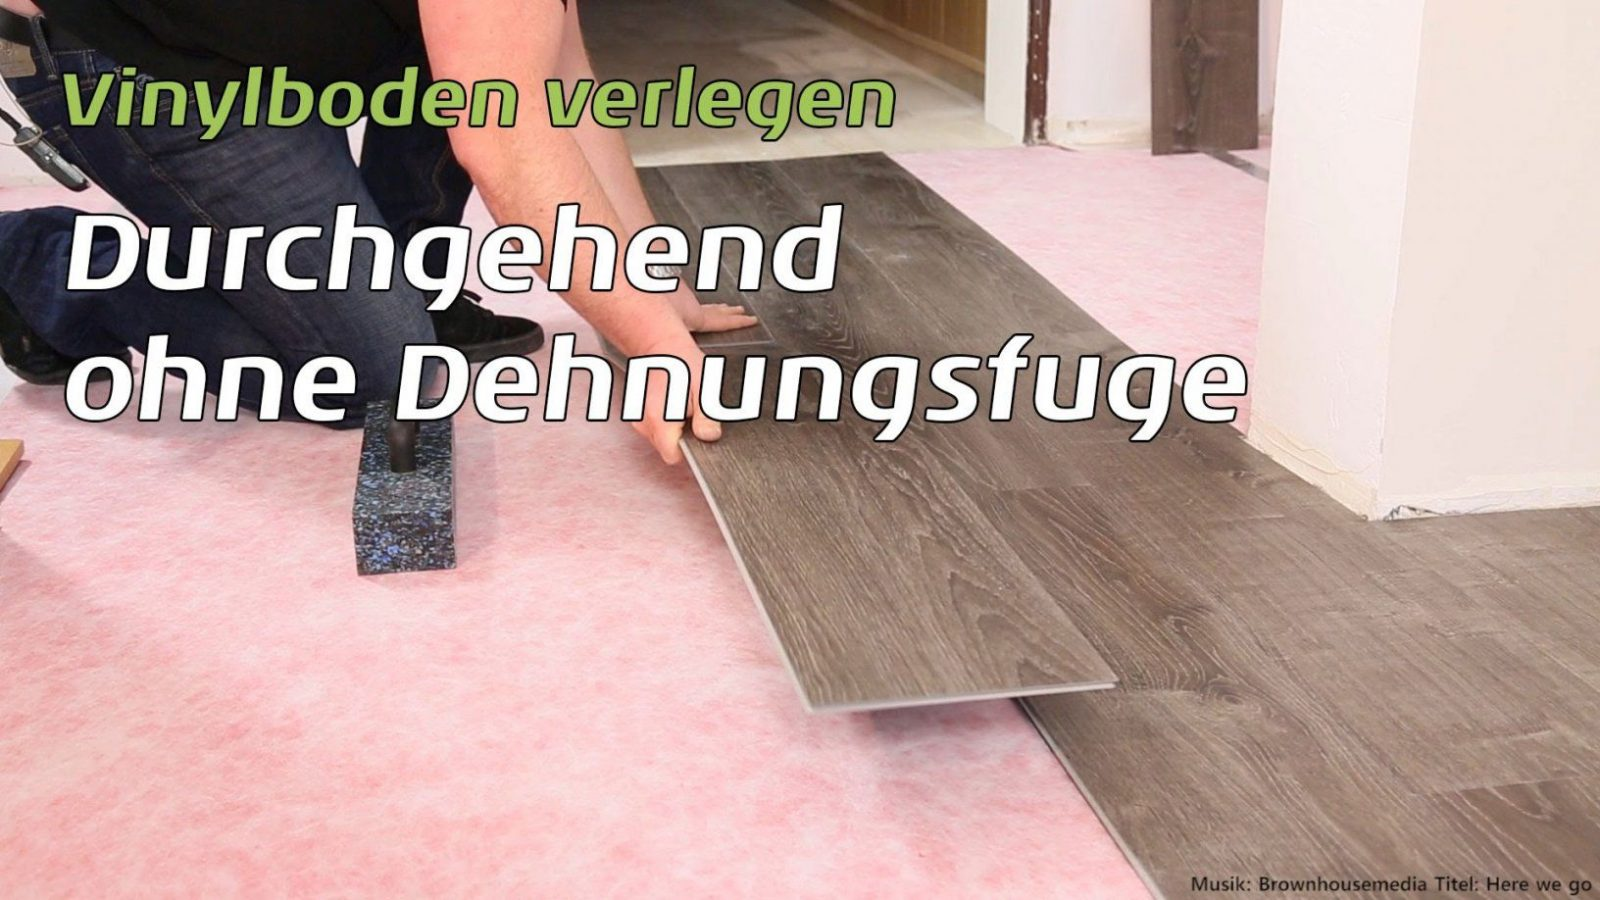 Vinylboden Durchgehend Ohne Dehnungsfuge Verlegen  Youtube von Vinyl Auf Fliesen Mit Fußbodenheizung Verlegen Bild